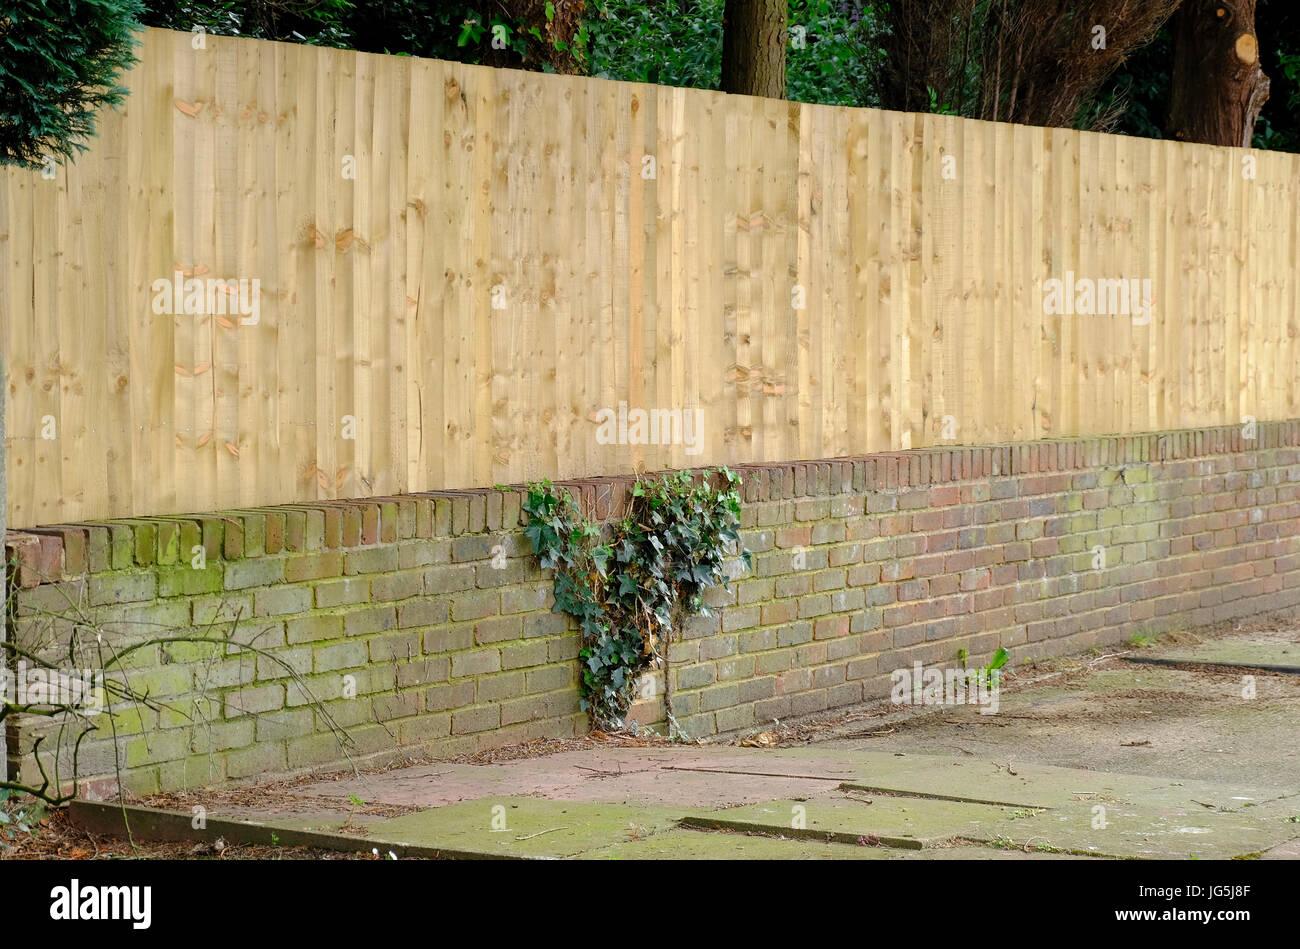 Niedrige Backsteinmauer Stockfotos und bilder Kaufen Alamy